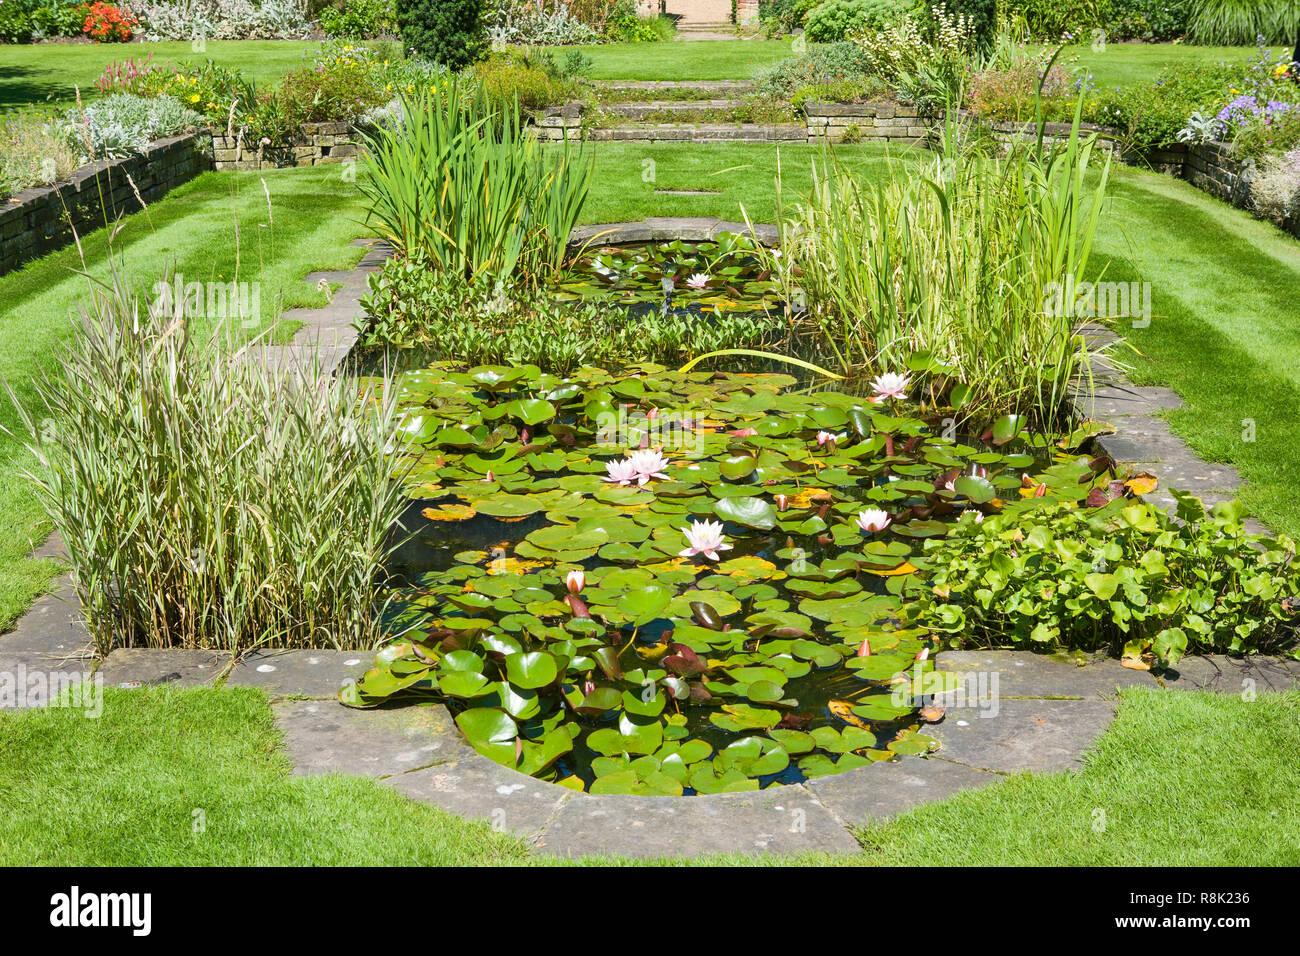 The Fellows Garden, Clare College, Cambridge University - Stock Image